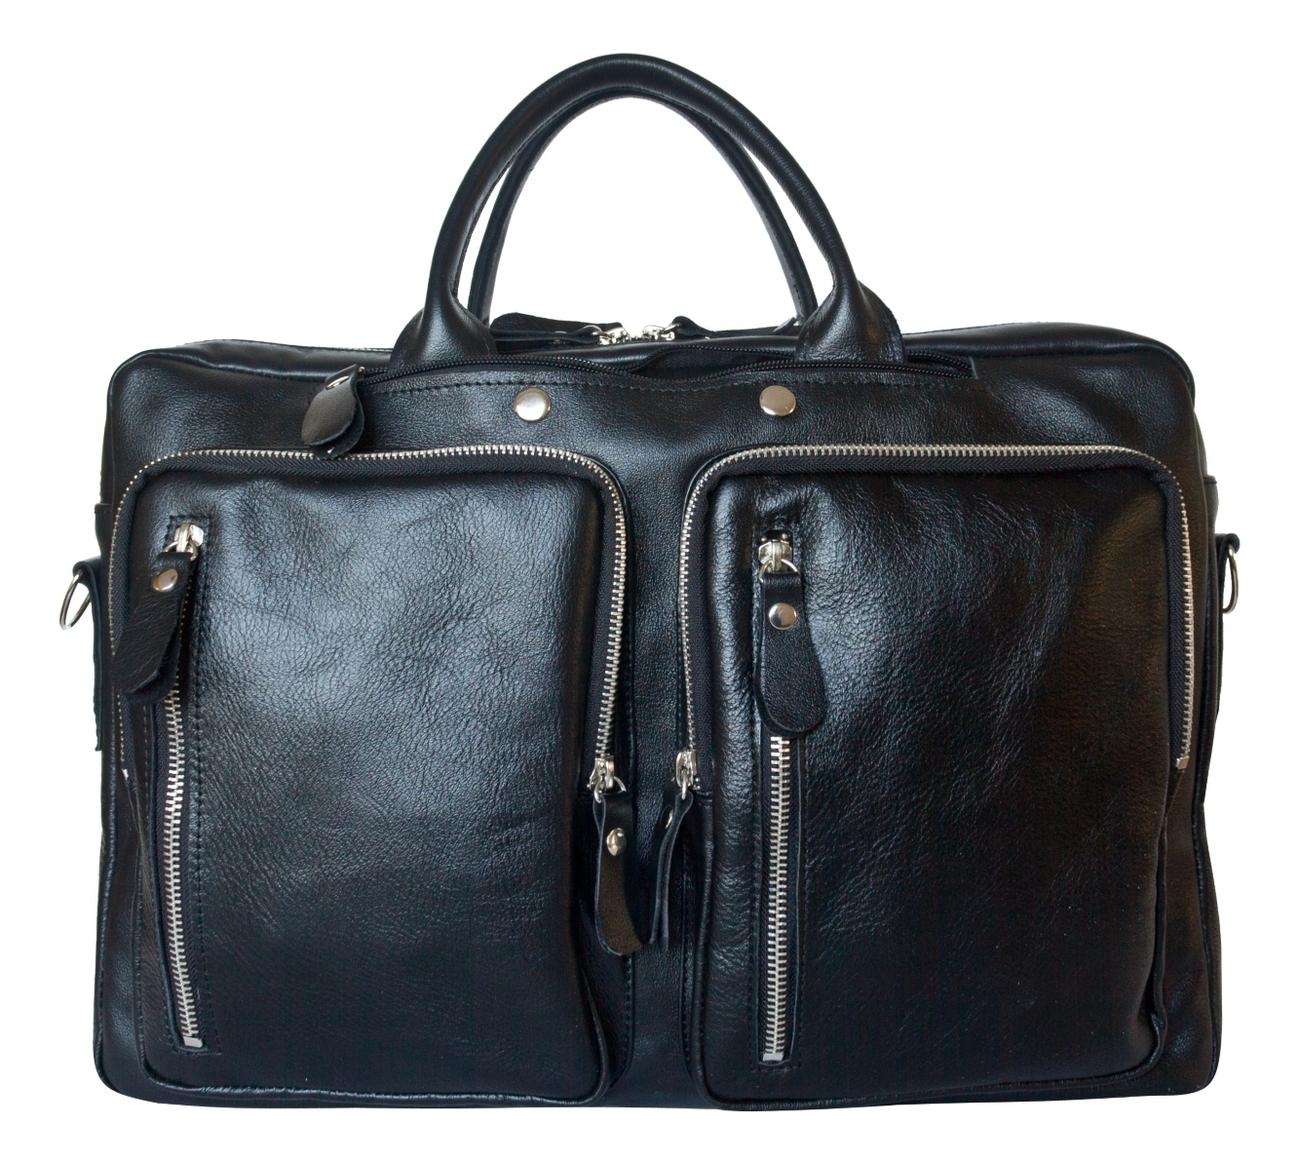 цена на Сумка-рюкзак Ferrone Black 3063-01